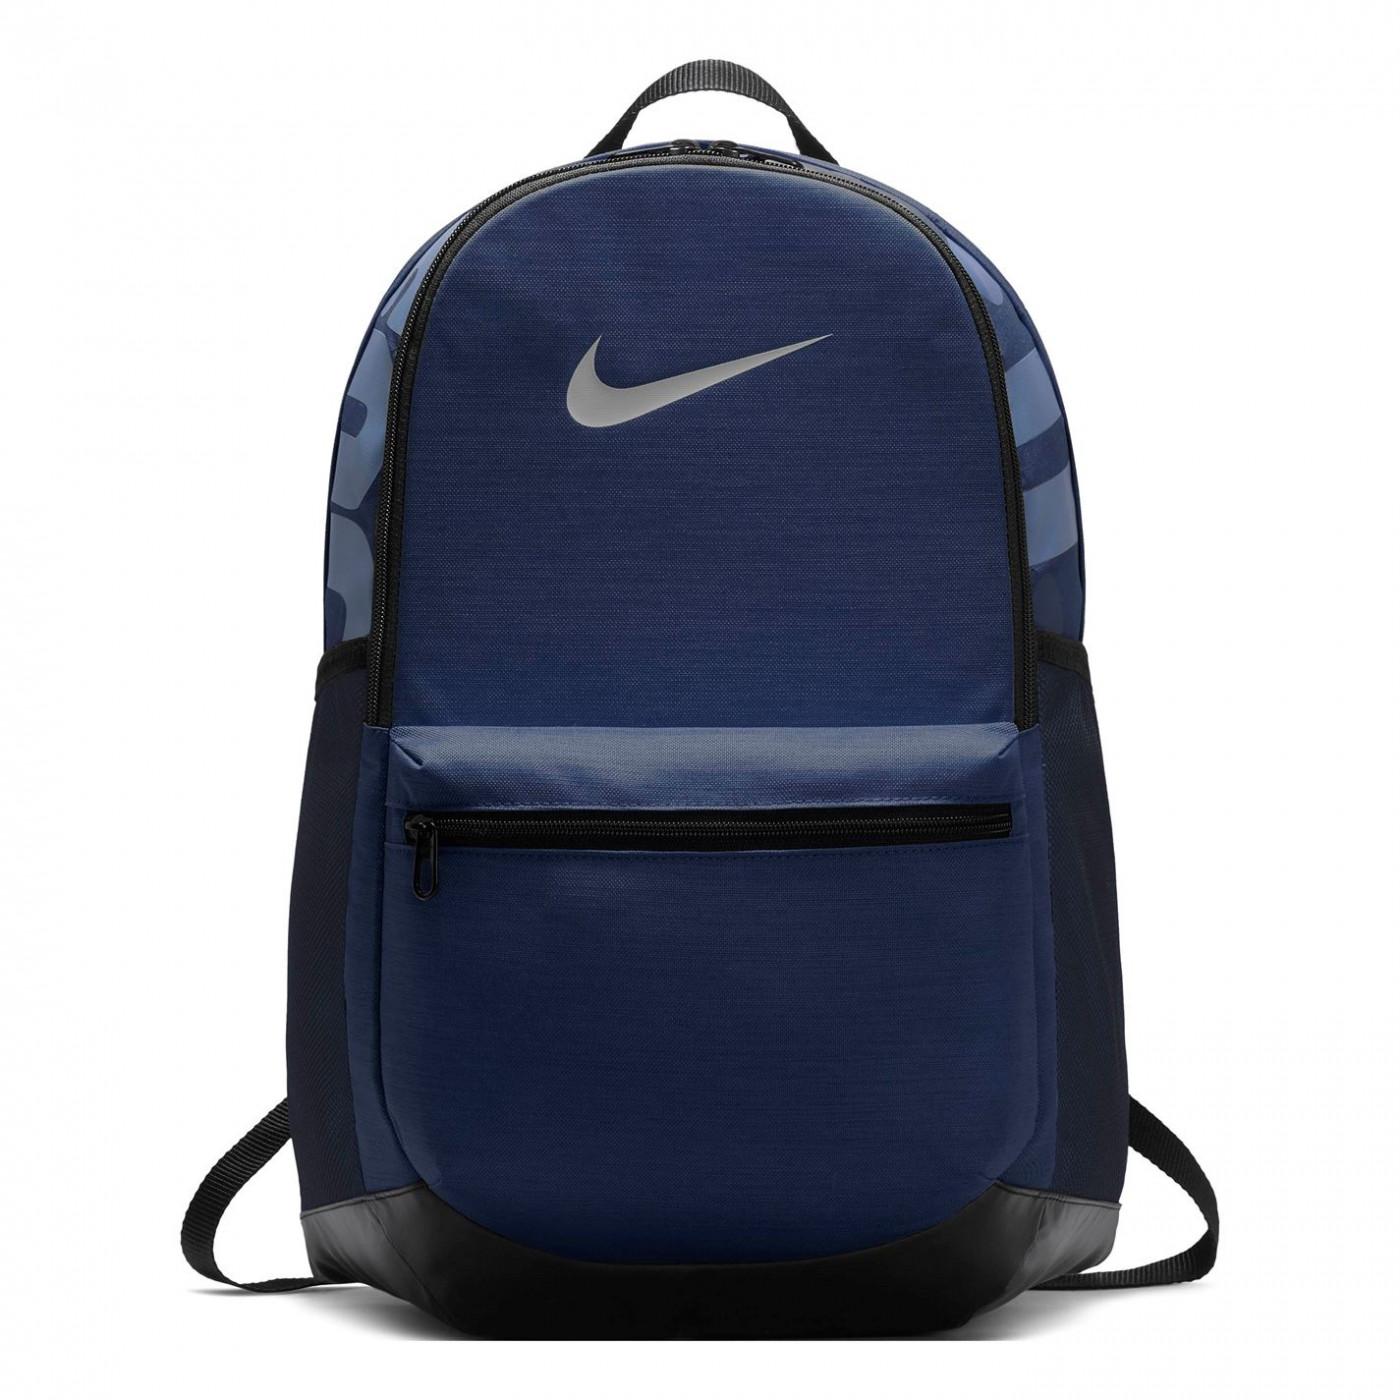 Backpack Nike Brasilia